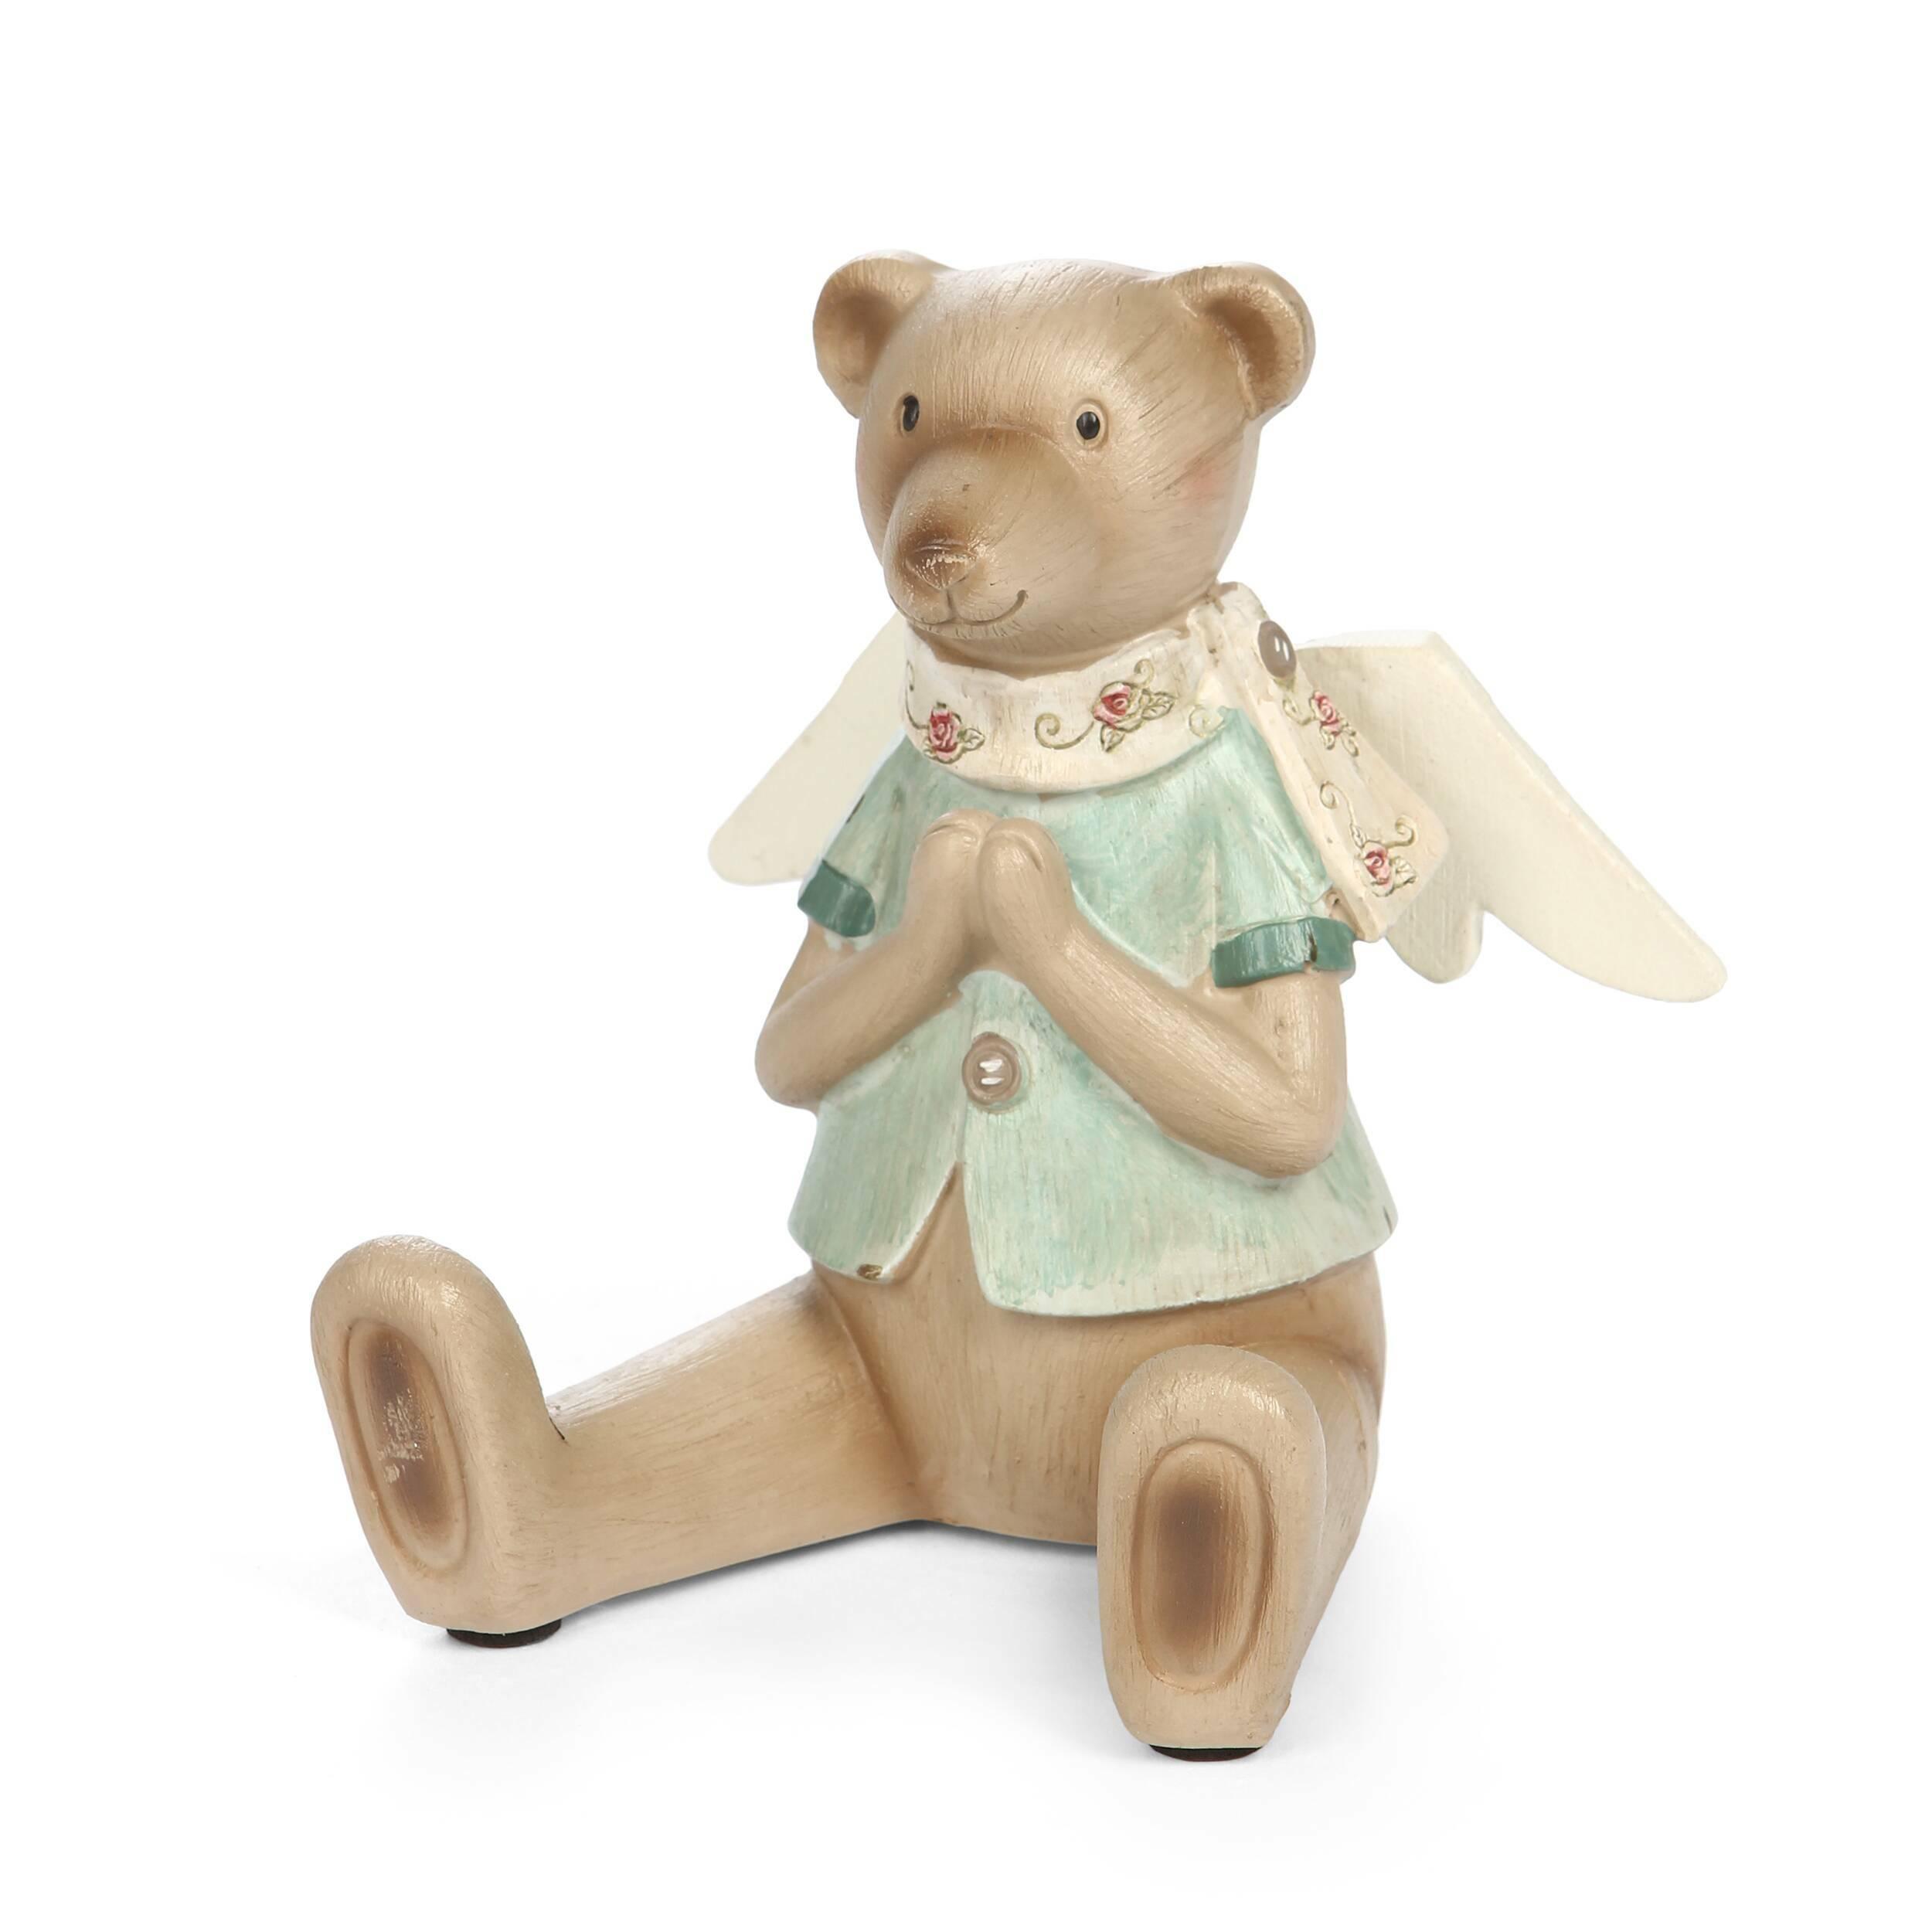 Статуэтка Angel TeddyНастольные<br>Дизайнерская светло-коричневая статуэтка Angel Teddy (Ангел Тэдди) из смолы в форме мишки-ангела от Cosmo (Космо).<br><br><br> Декорирование интерьера так же важно, как и весь законченный ремонт. Комната без декора выглядит пустой и безжизненной. Попробуйте внести хотя бы небольшой элемент интерьерного украшения, и вы сразу увидите, как преобразится все помещение и улучшится домашняя атмосфера. В данном случае речь идет о добавлении в интерьер капельки романтики и тепла.<br><br><br> Статуэтка Angel Te...<br><br>stock: 3<br>Высота: 11.5<br>Ширина: 9.5<br>Материал: Смола<br>Цвет: Светло-коричневый<br>Длина: 10.5<br>Цвет дополнительный: Голубой